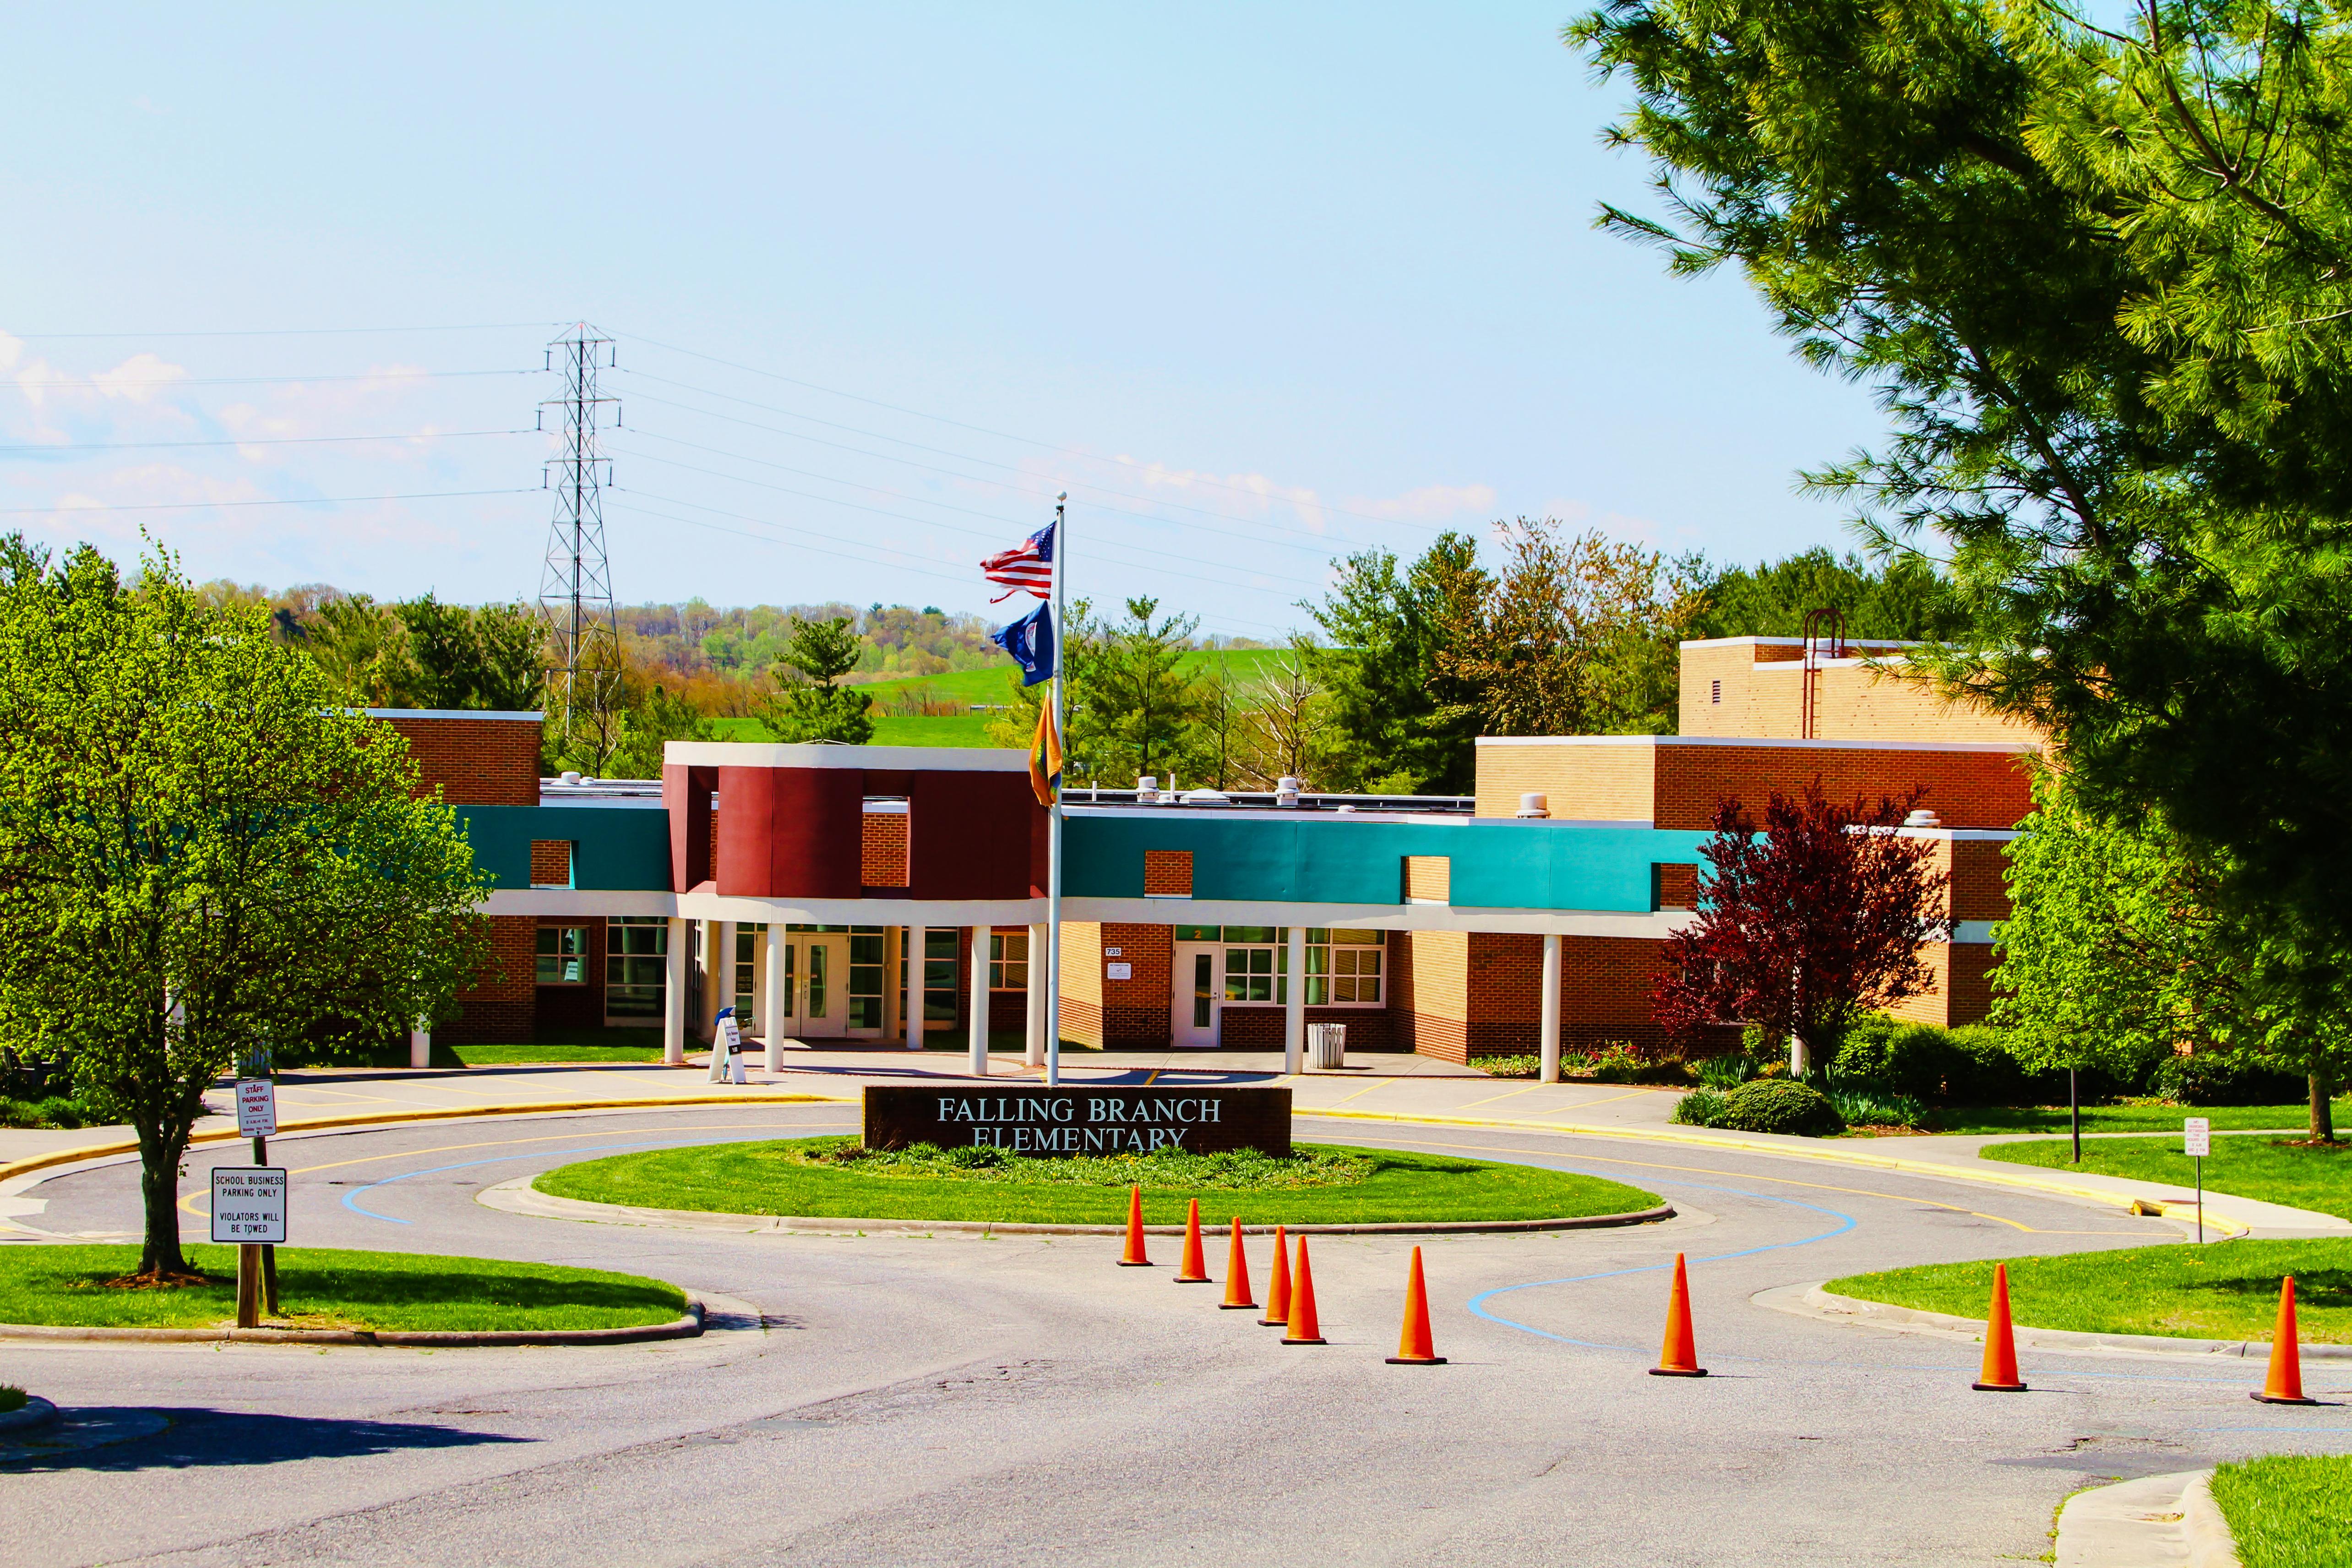 Falling Branch Elementary School